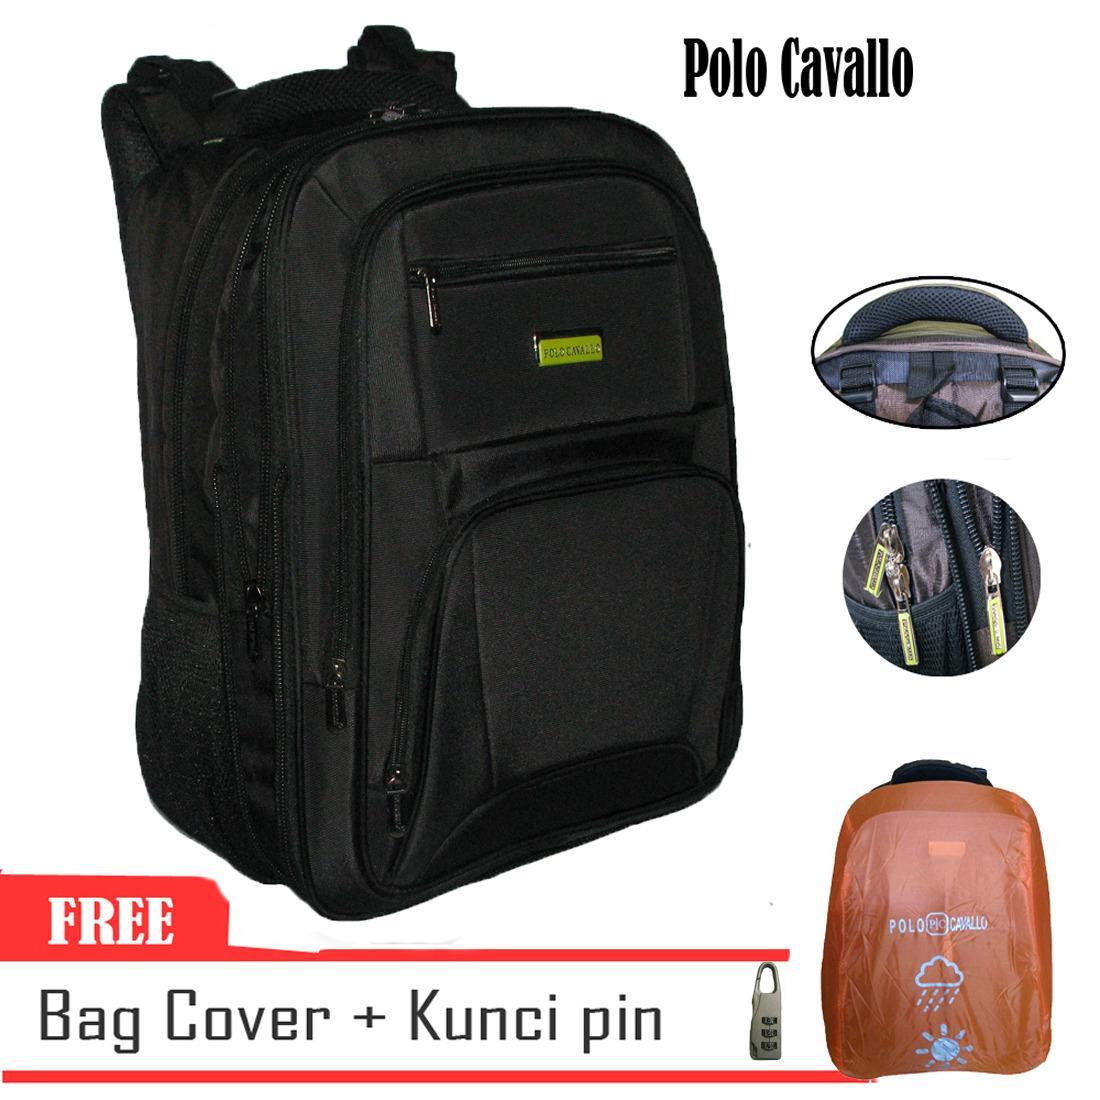 Polo Cavallo 77132 Backpack Expandable Impor Bonus Kunci Pin Hitam Asli